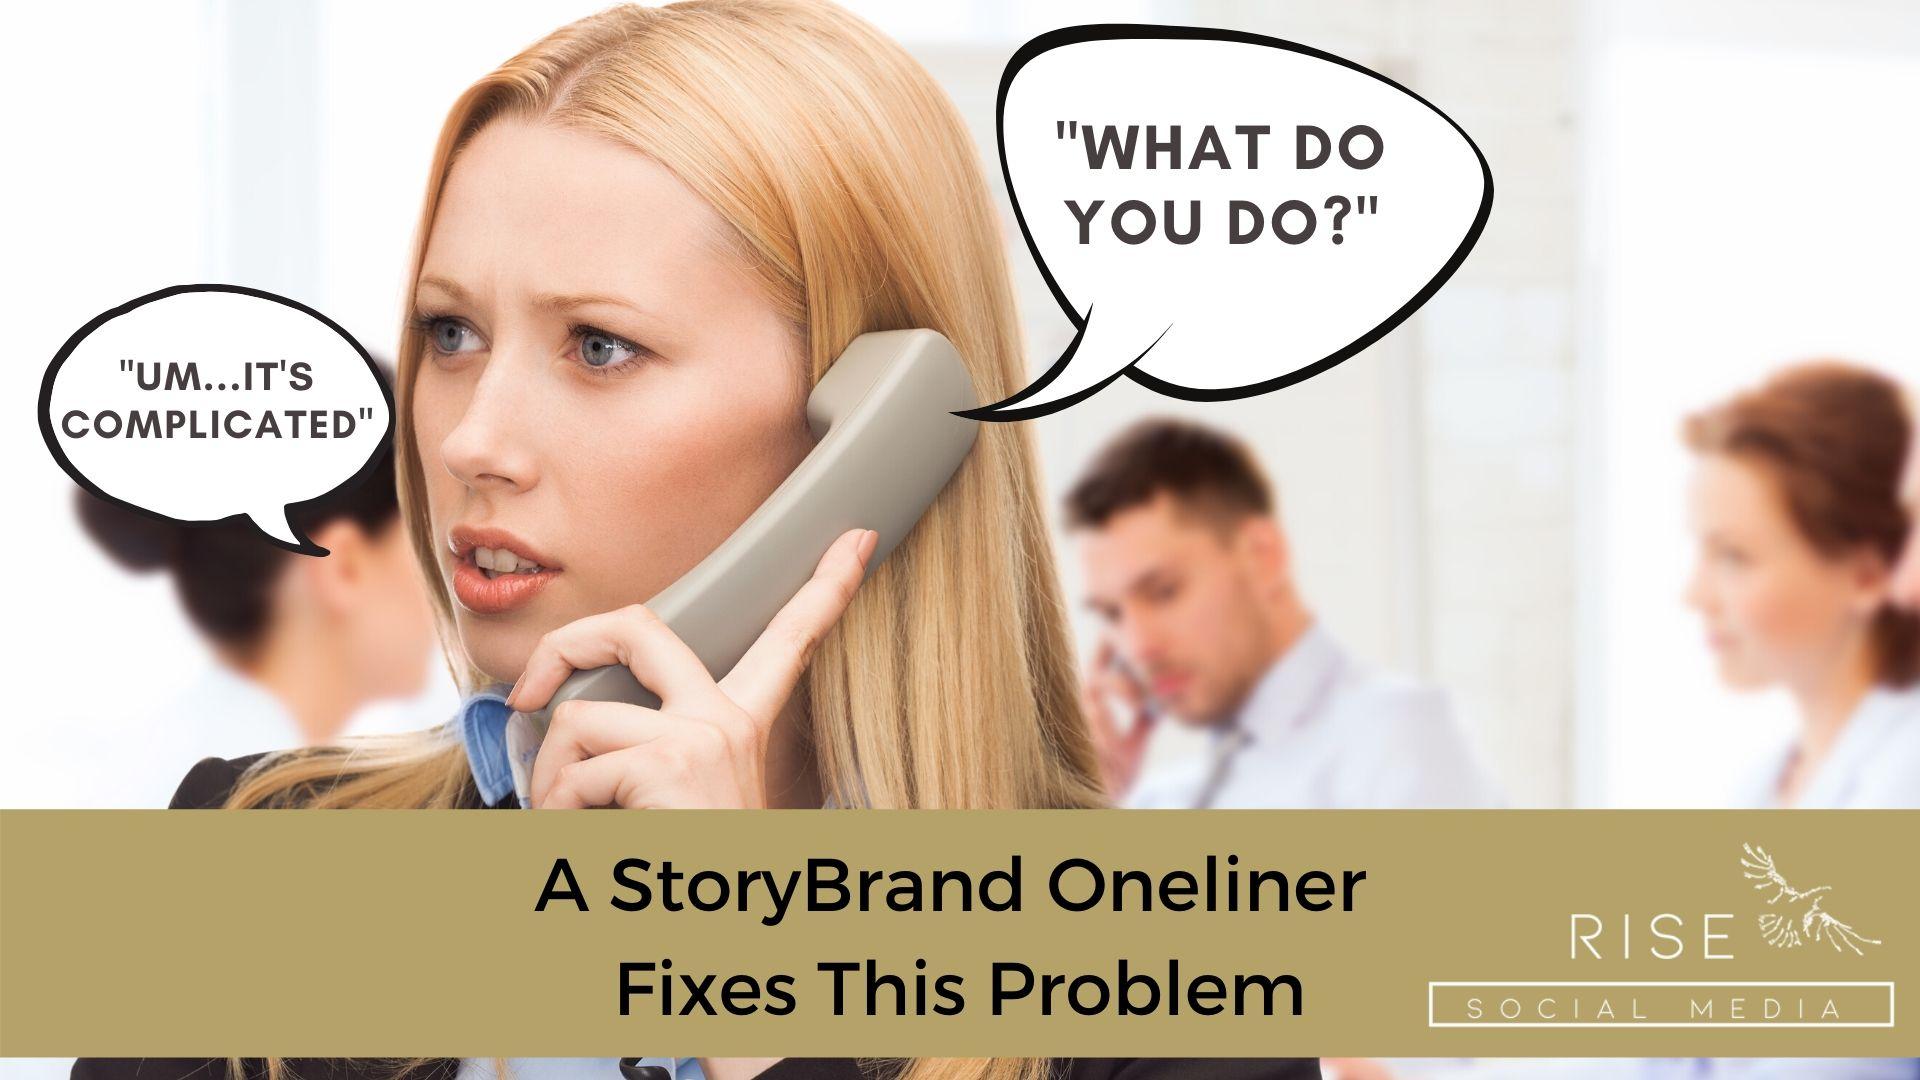 storybrand one liner